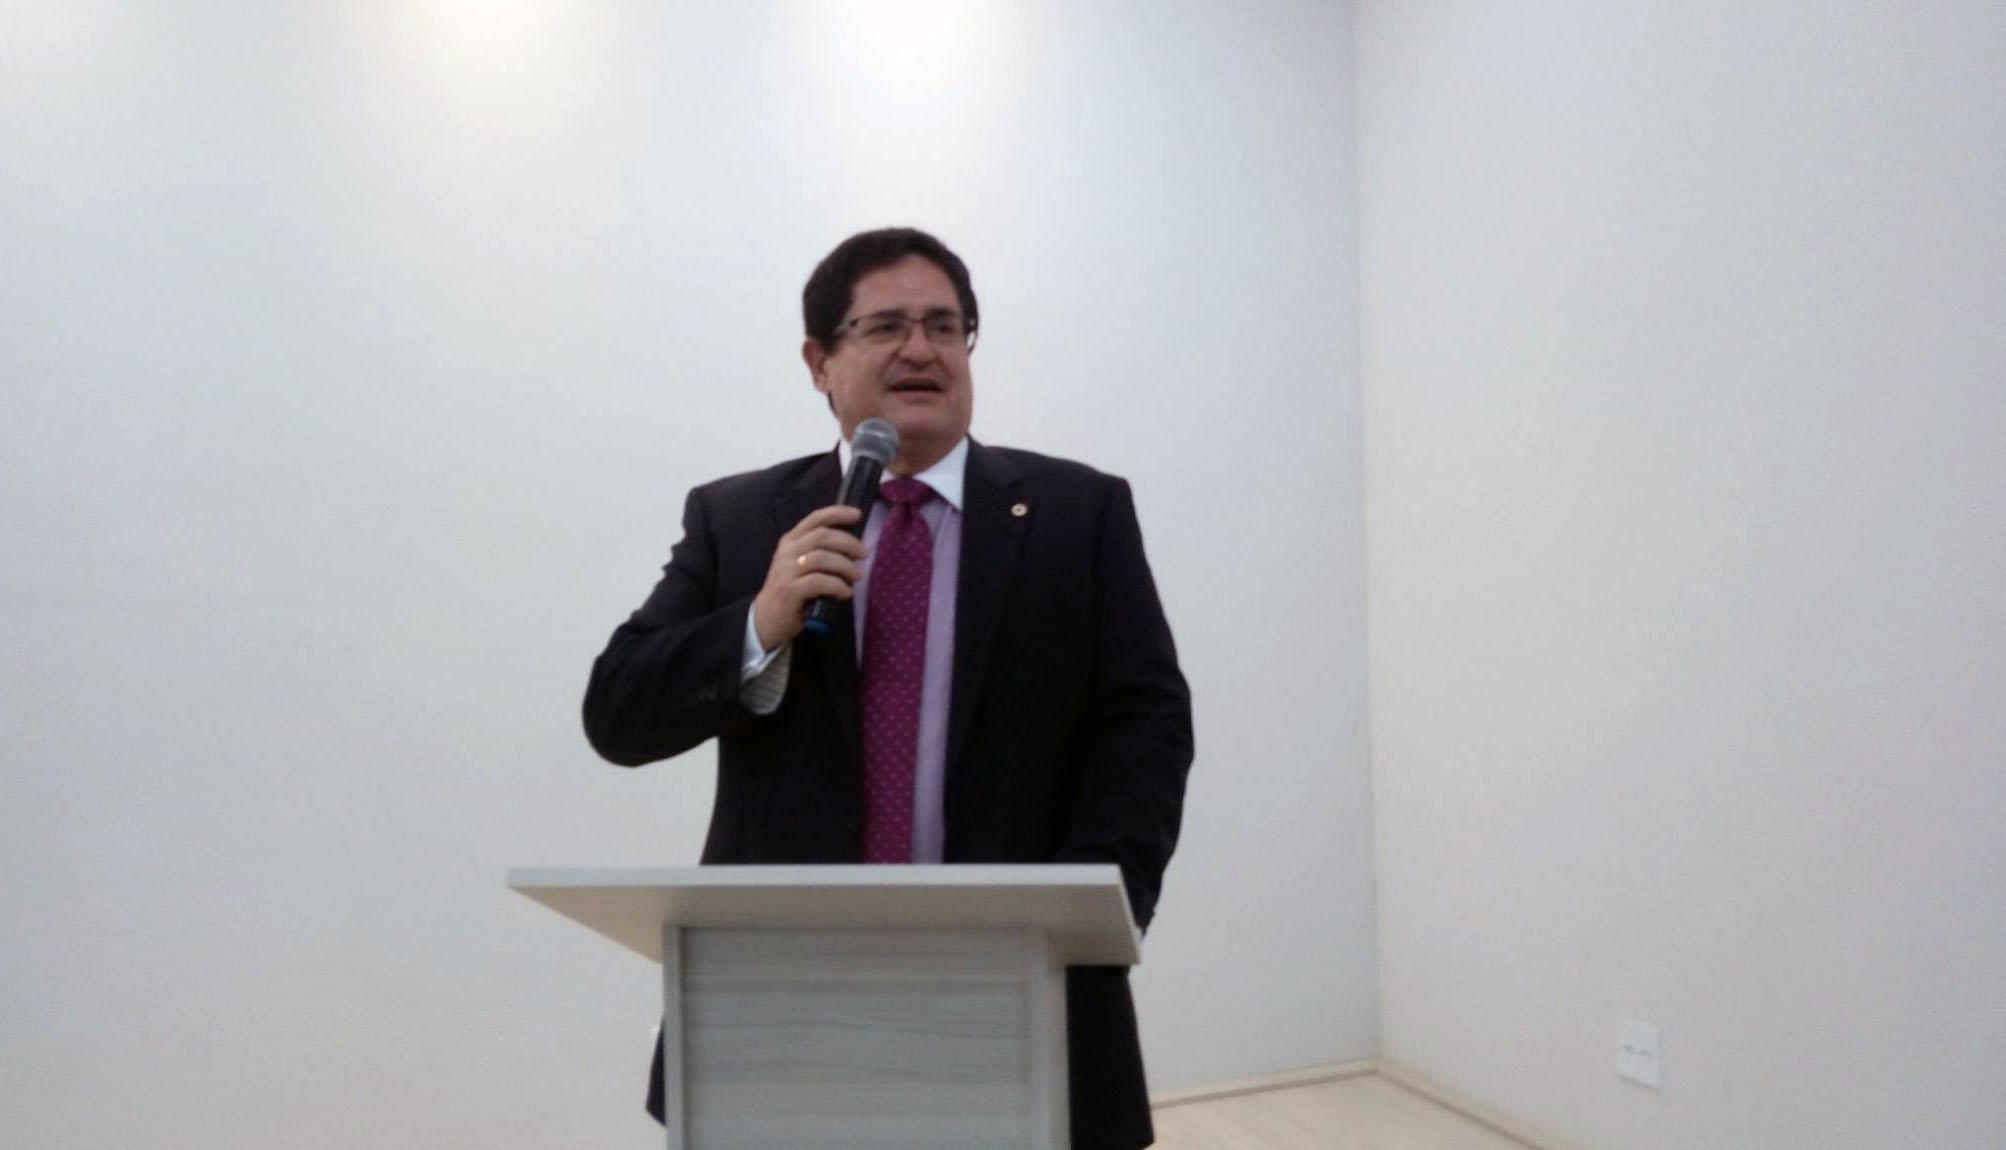 Curso de Direito promove aula inaugural em Caratinga